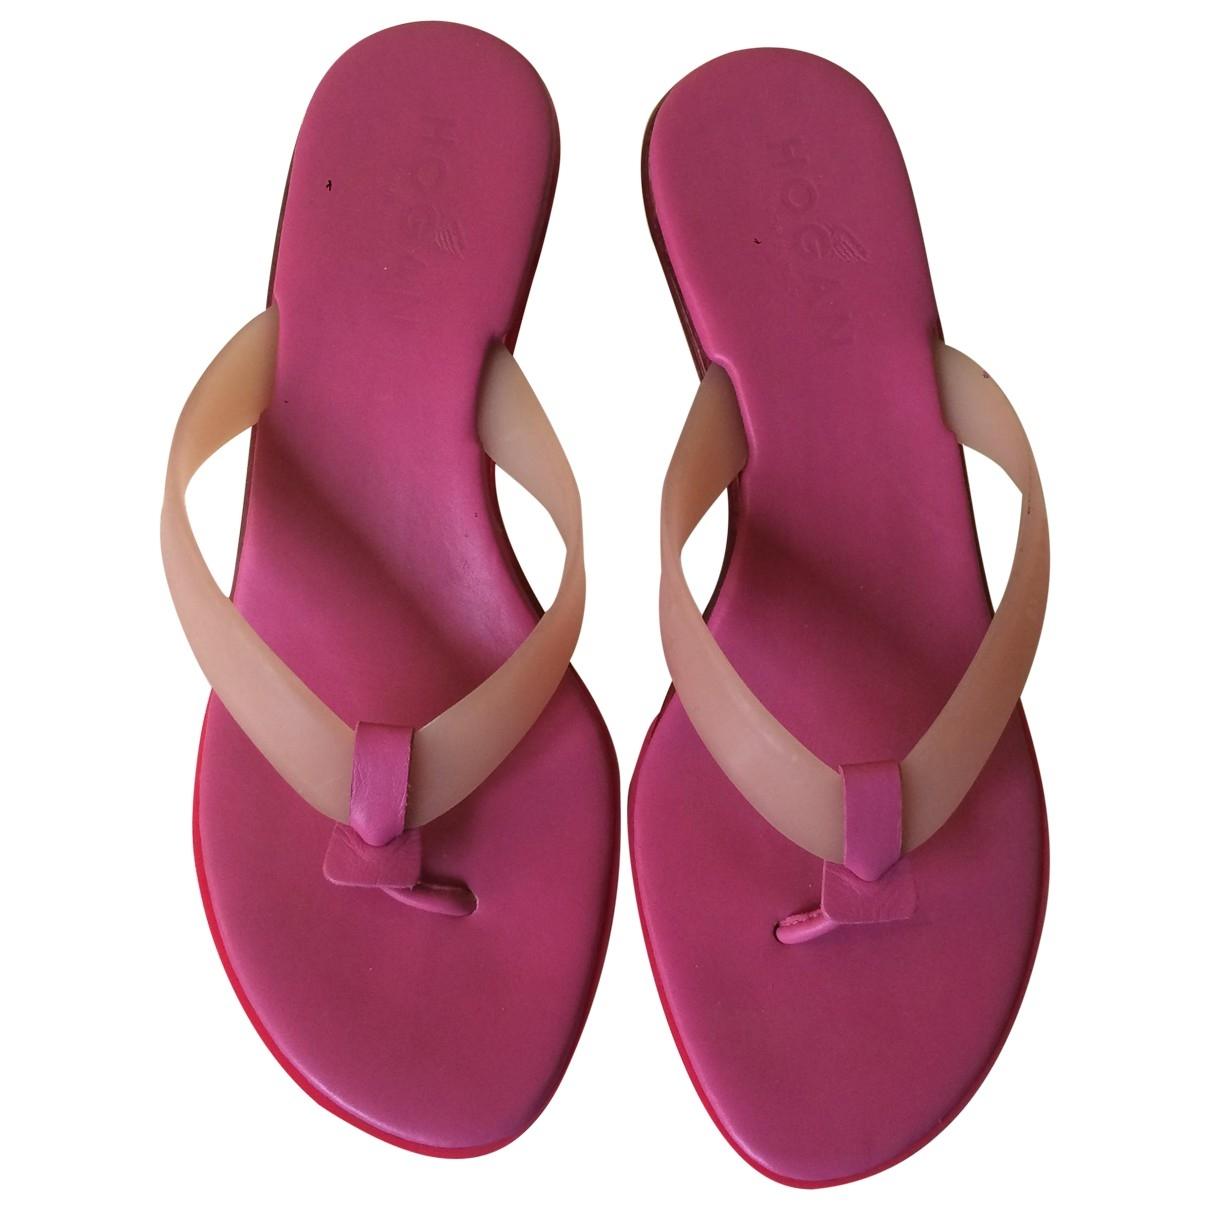 Hogan - Sandales   pour femme - rose